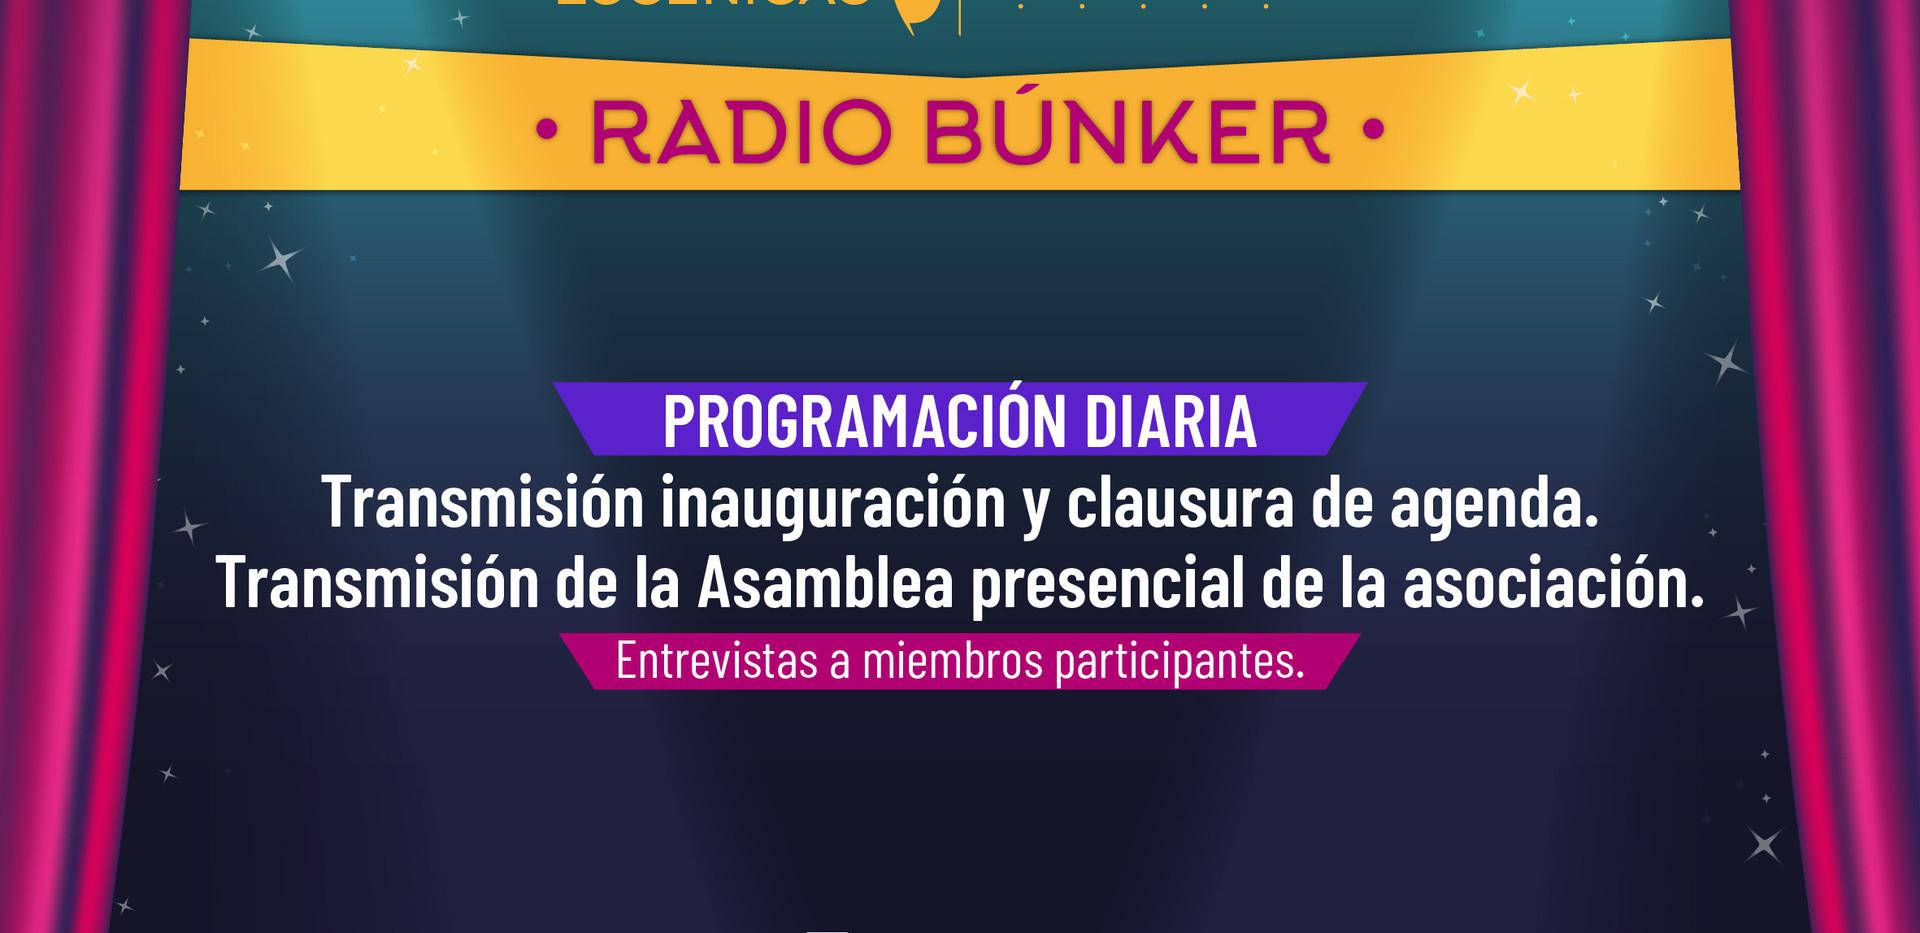 6RadioBúnker-01.jpg